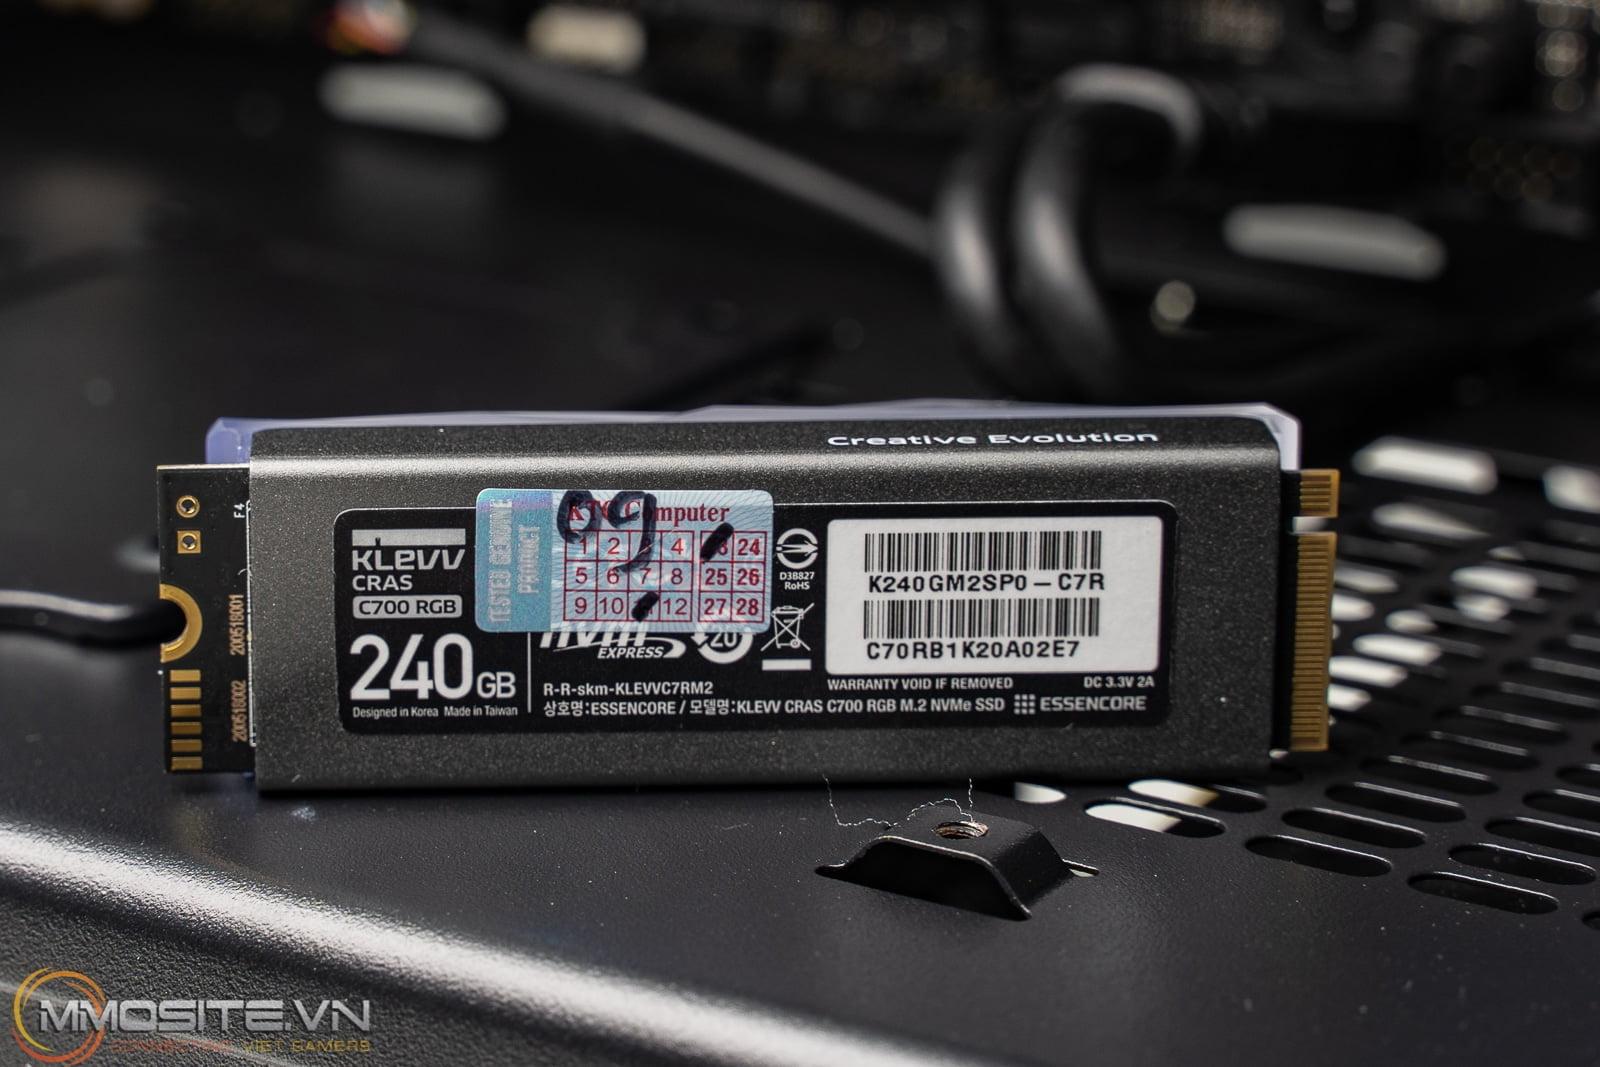 Đánh giá SSD KLEVV CRAS C700 dung lượng 240GB - Khi SSD cũng lập lòe ánh đèn